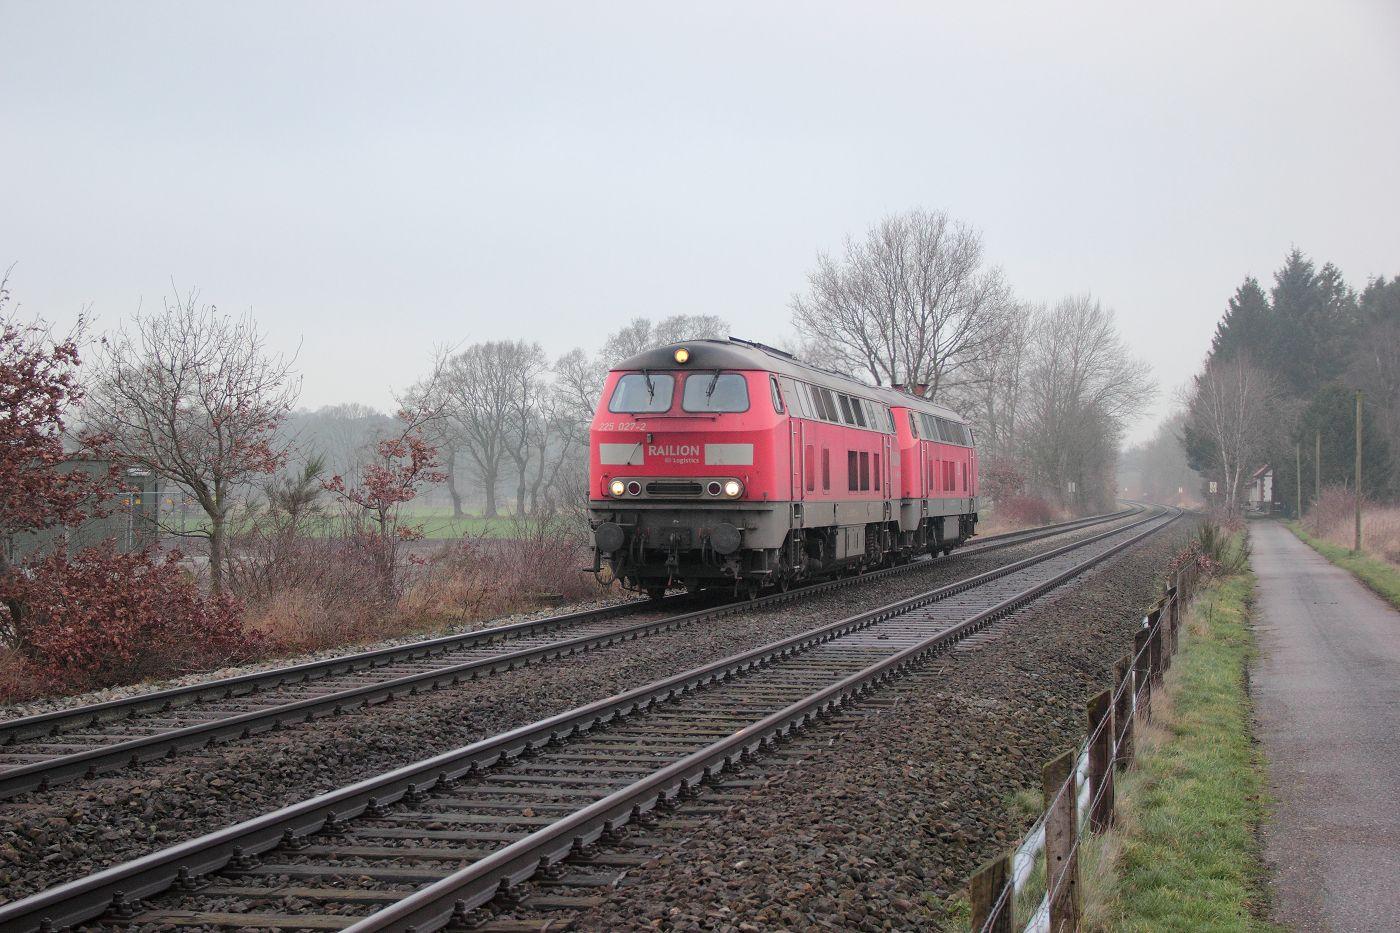 http://www.nachtbahner.de/Fotos/2014-02-11%20225er%20rund%20um%20Oldenburg/k-IMG_0923%20225er%20rund%20um%20Oldenburg%2011.02.14%20(1).JPG